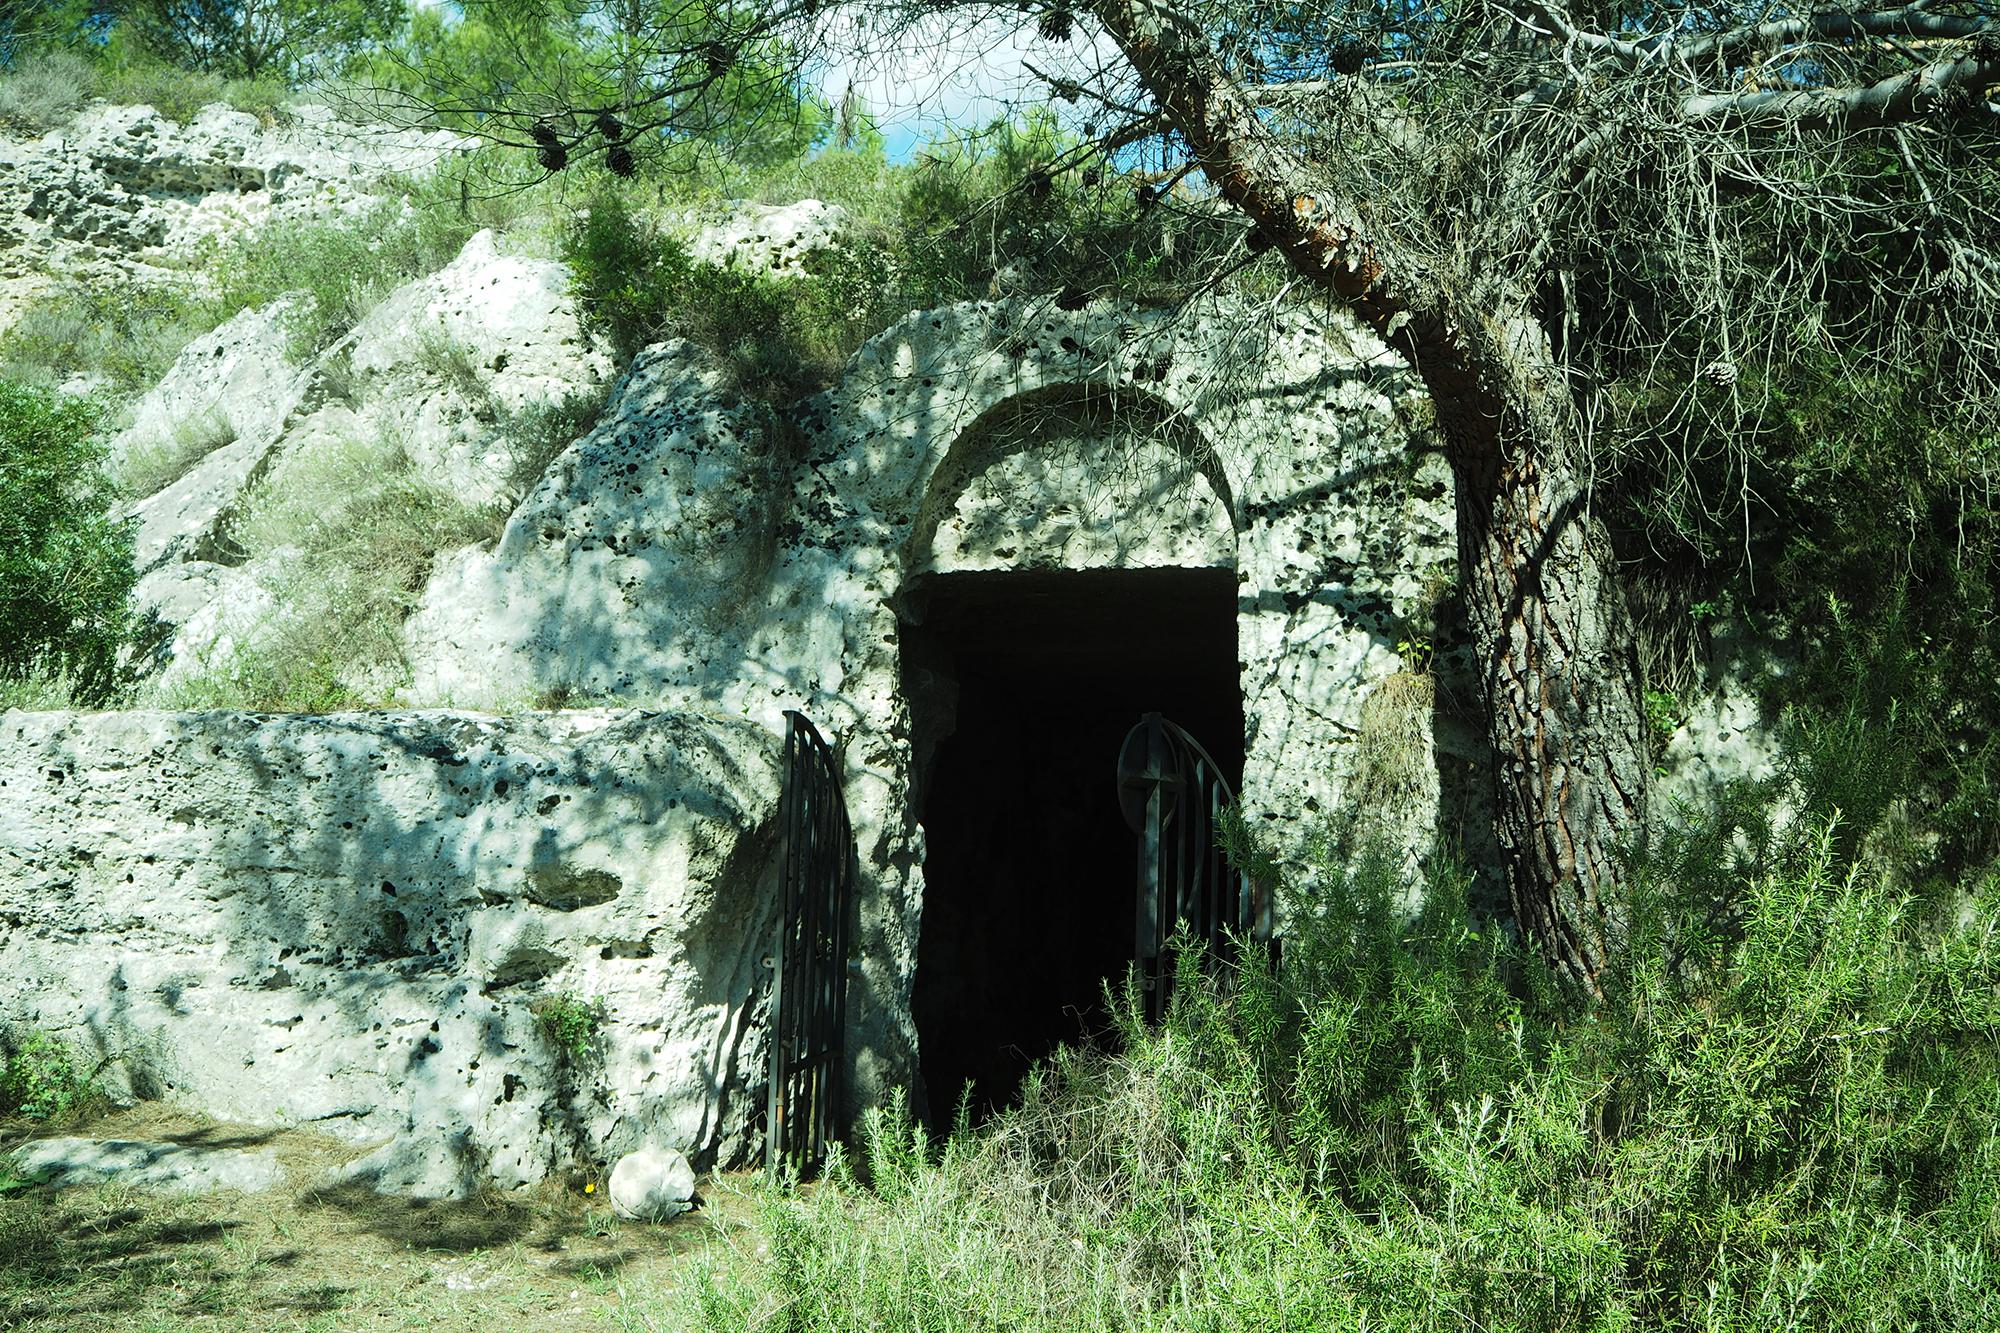 Gravina di Palagianello (TA) Ingresso della chiesa rupestre di Santa Lucia - Sulla sinistra dell'ingresso è stata scavata, nella roccia, una cisterna a campana